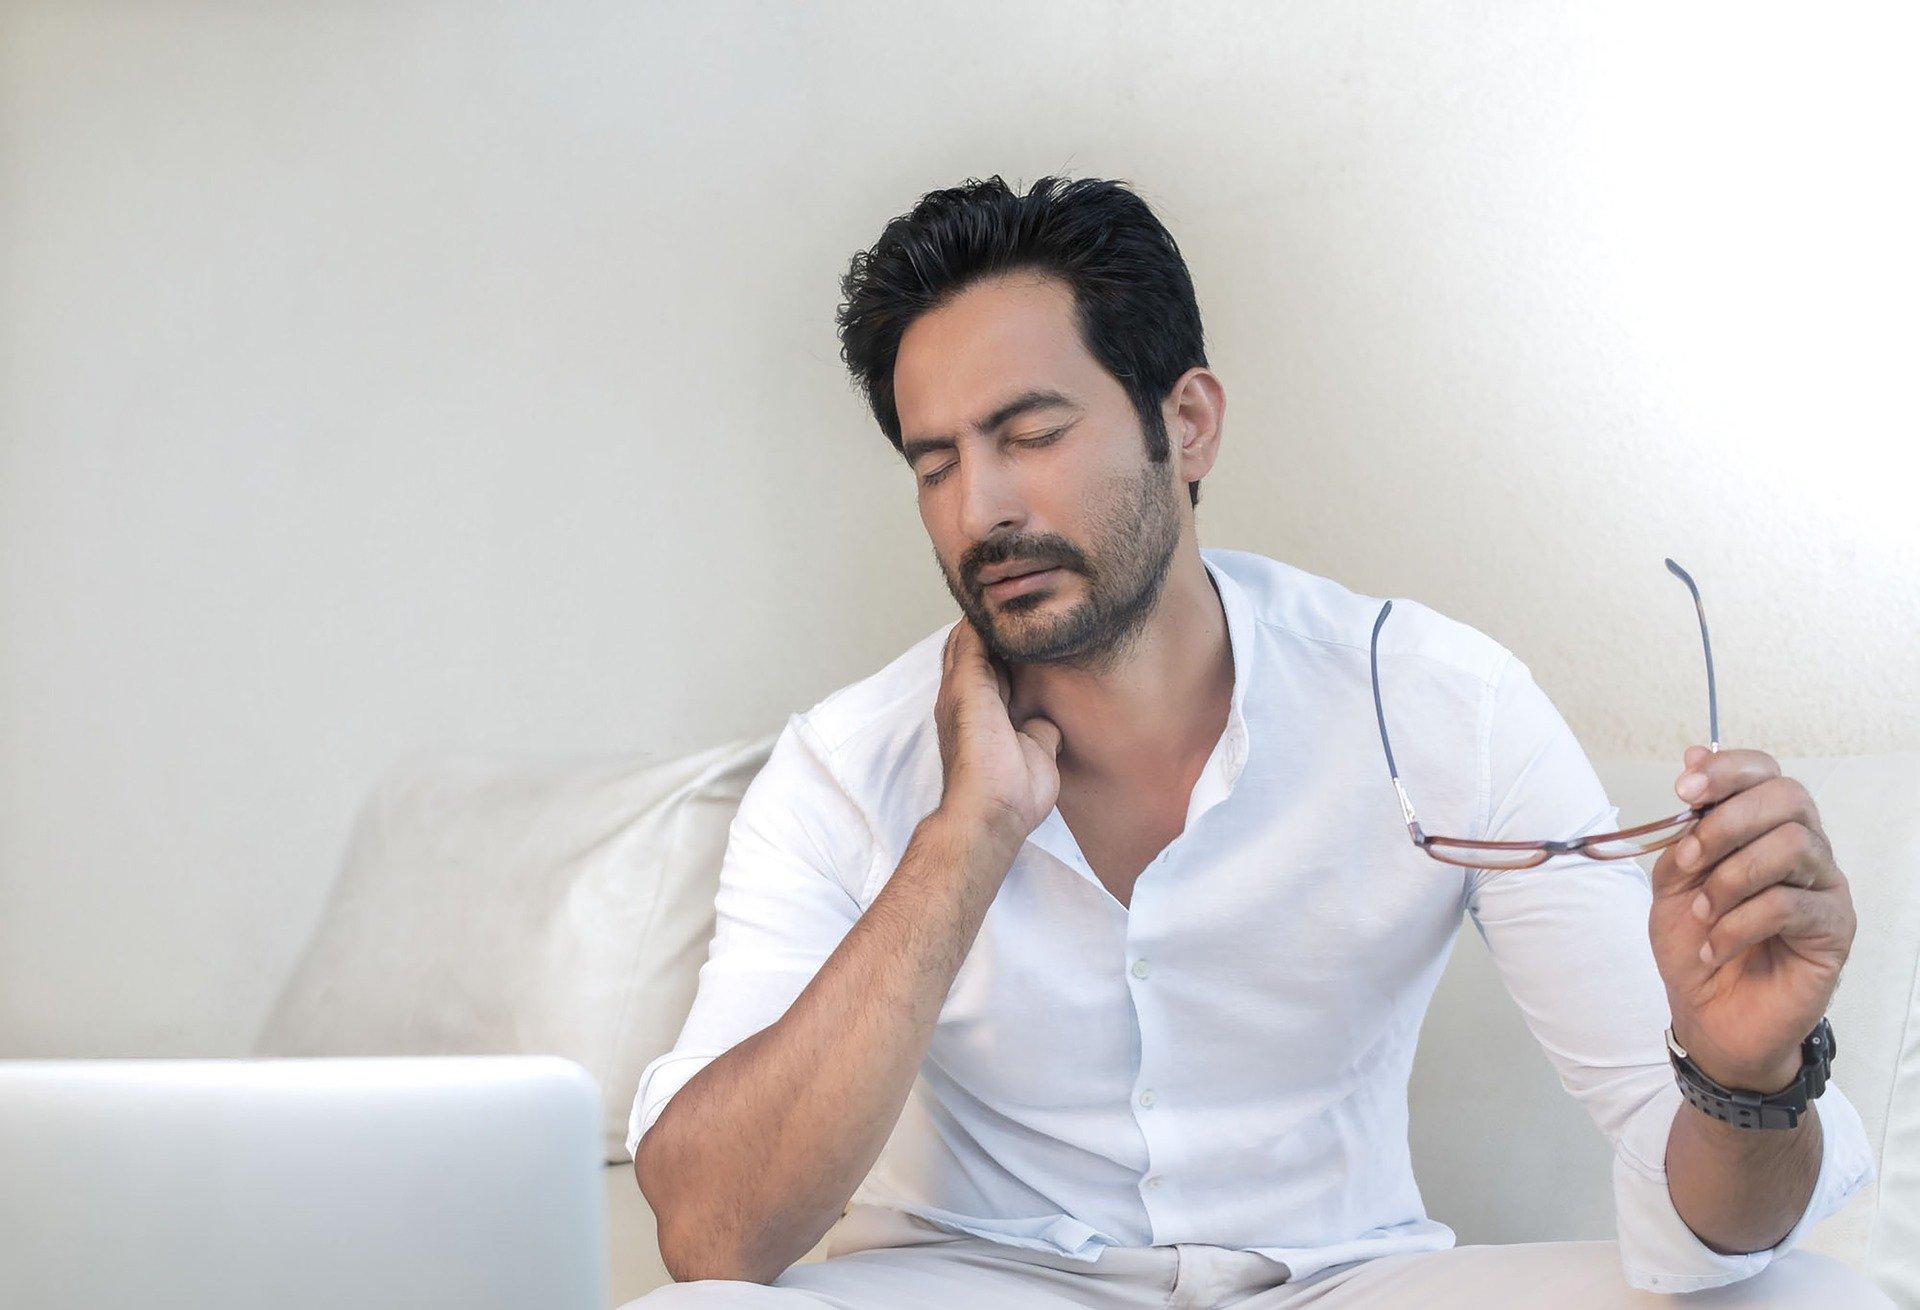 Hombre con dolor de cuello. Fuente: Pixabay